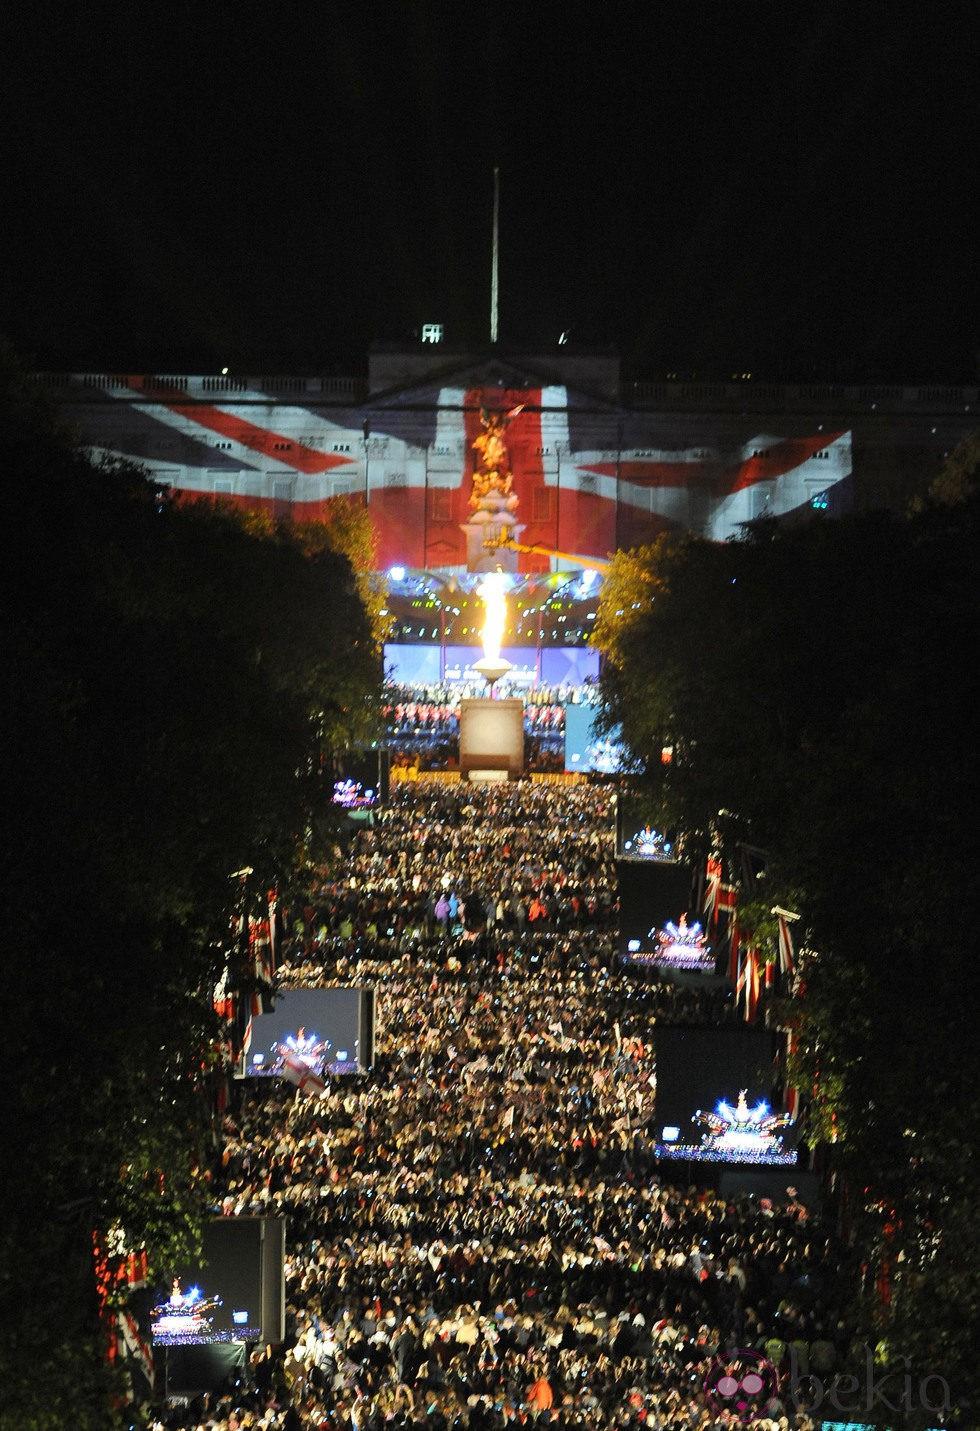 Luces y colores en el concierto del Jubileo de la Reina Isabel en Londres